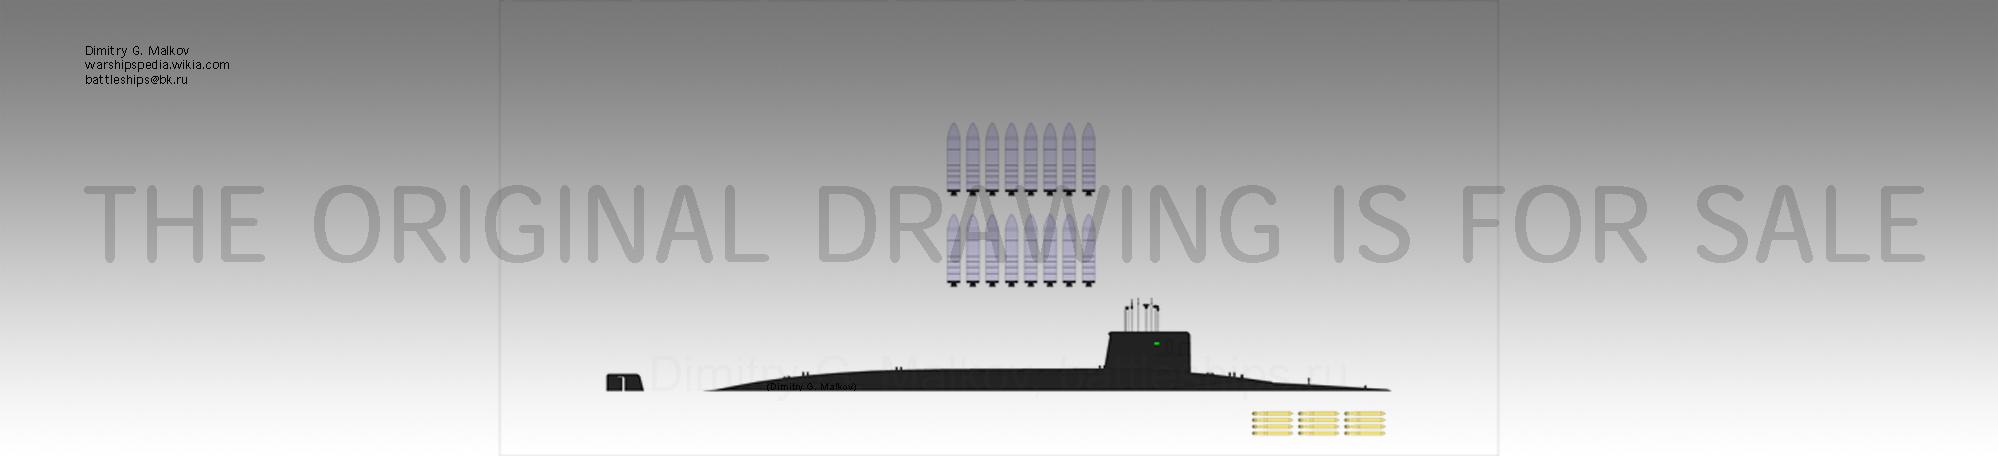 Mes dessins des navires francais - Page 5 Snbm-l11